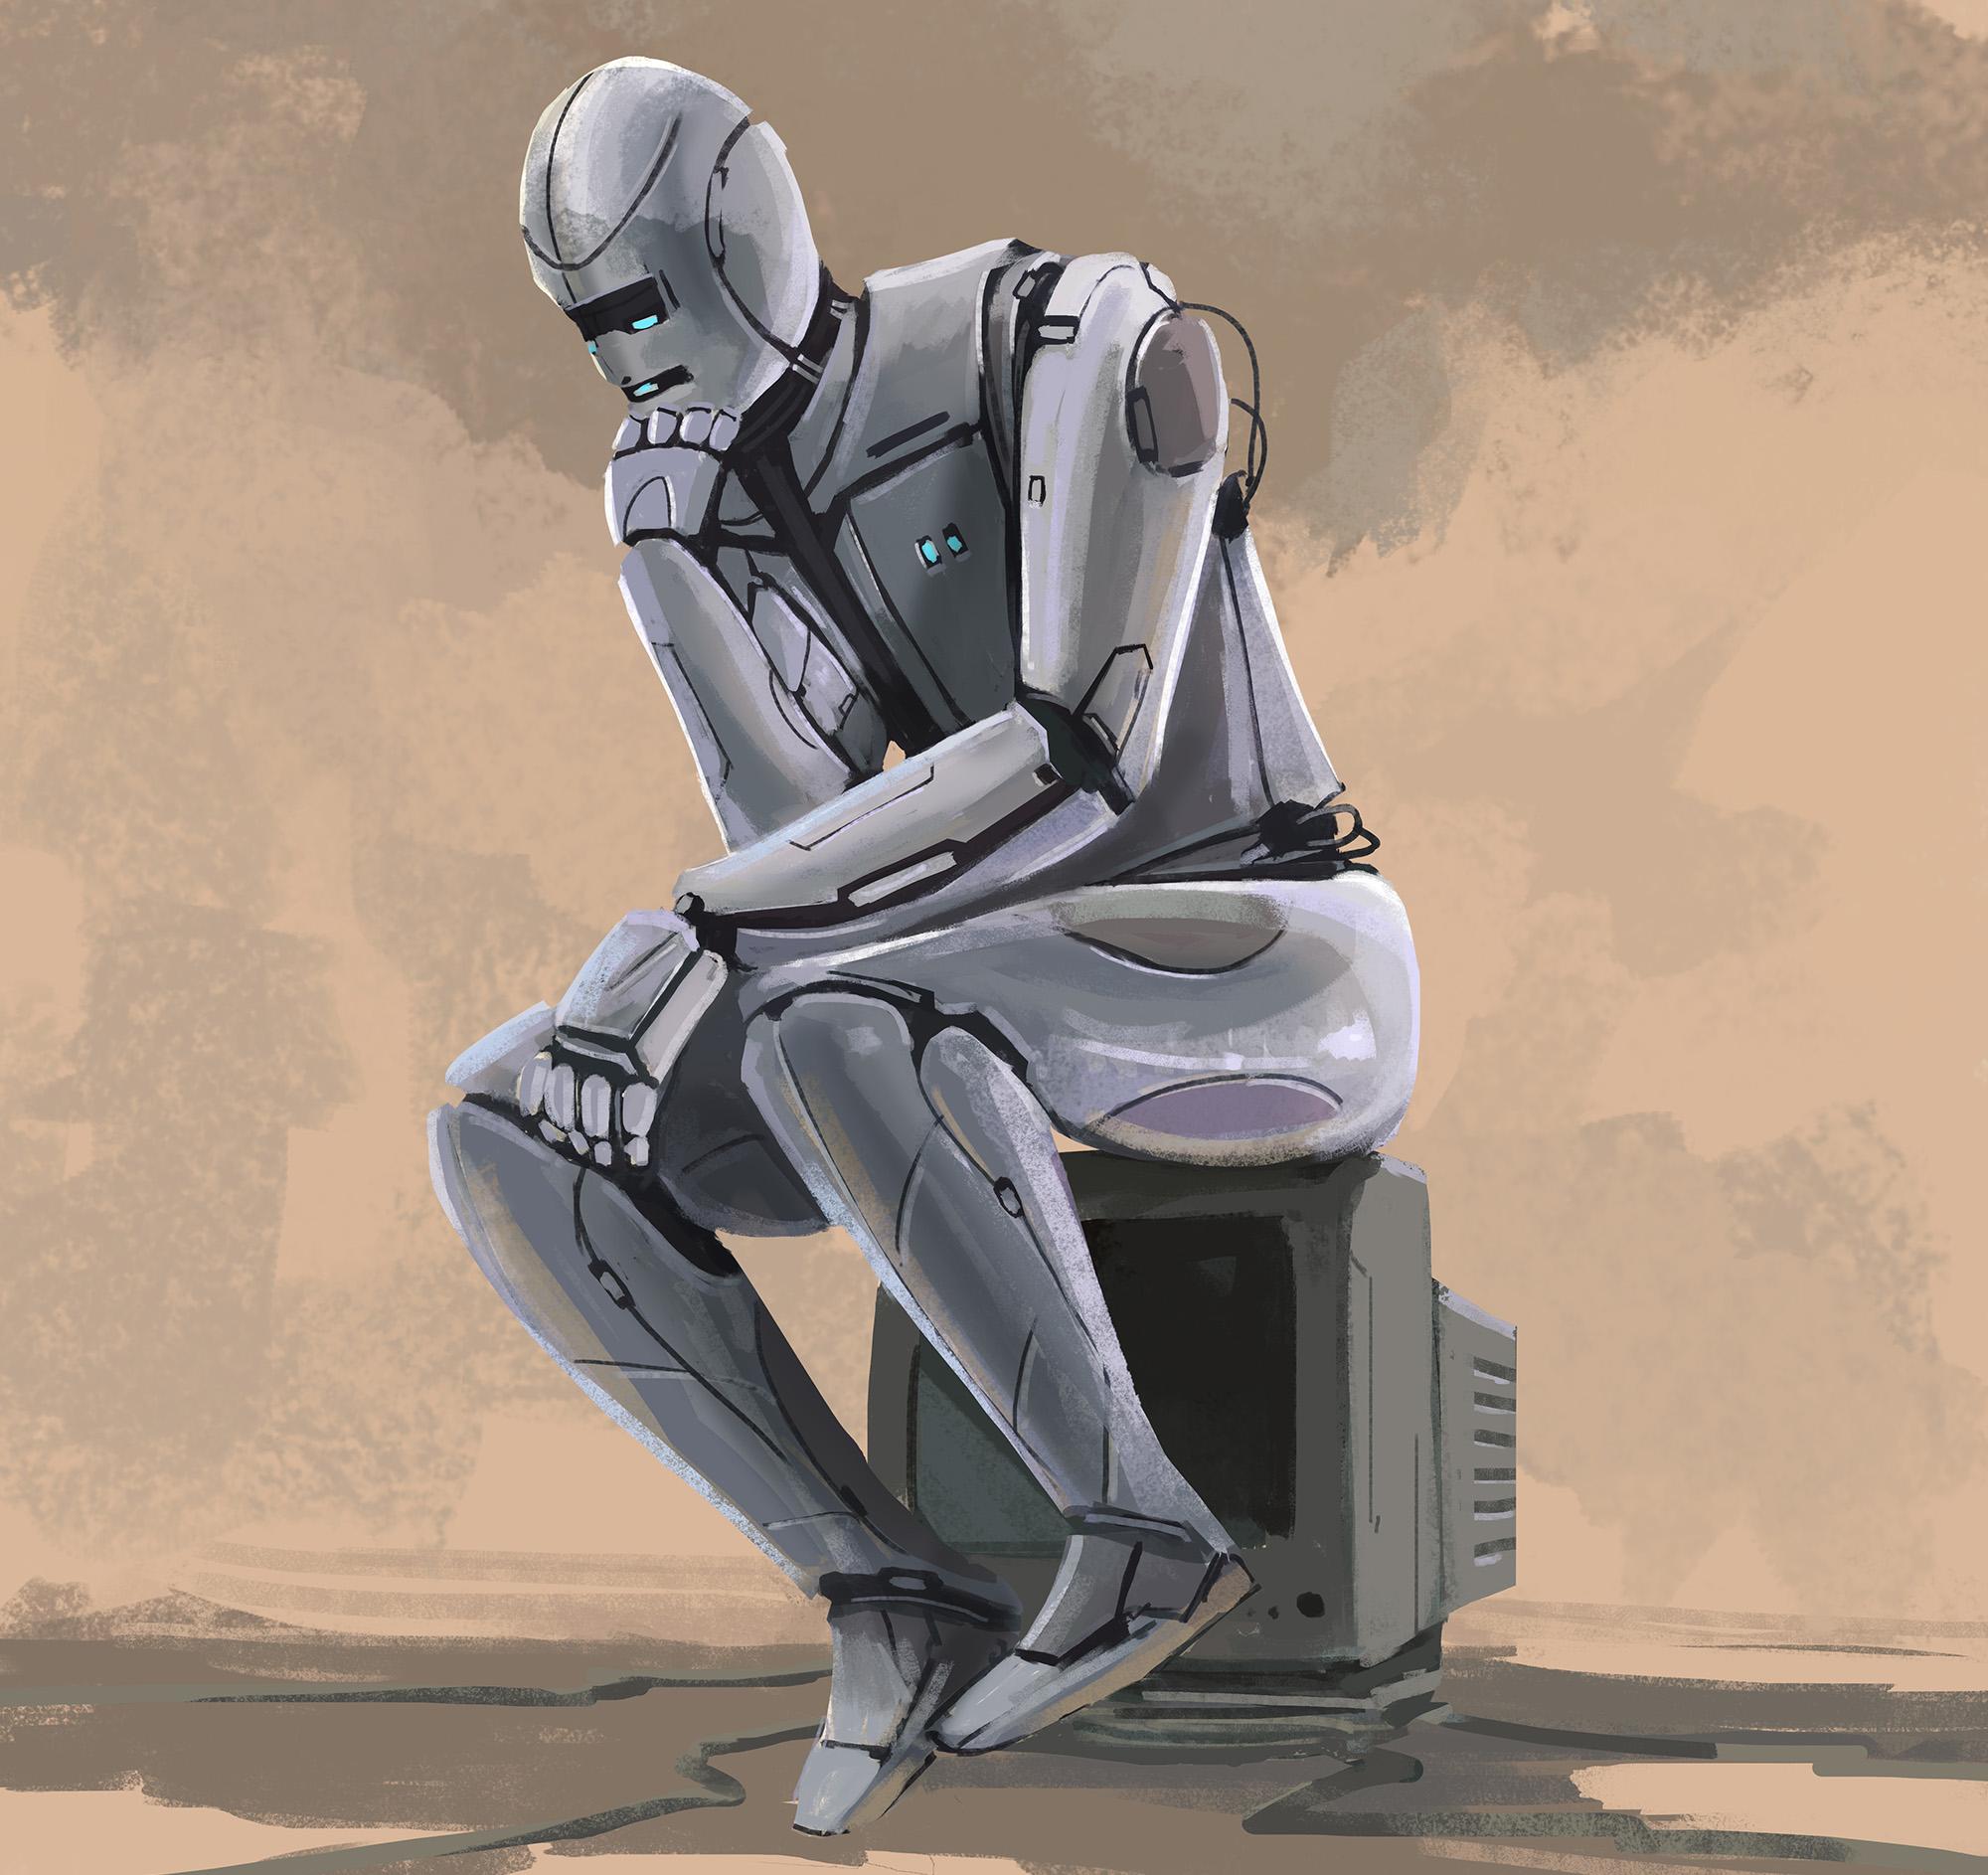 Thinker_robot_01-webanner.jpg